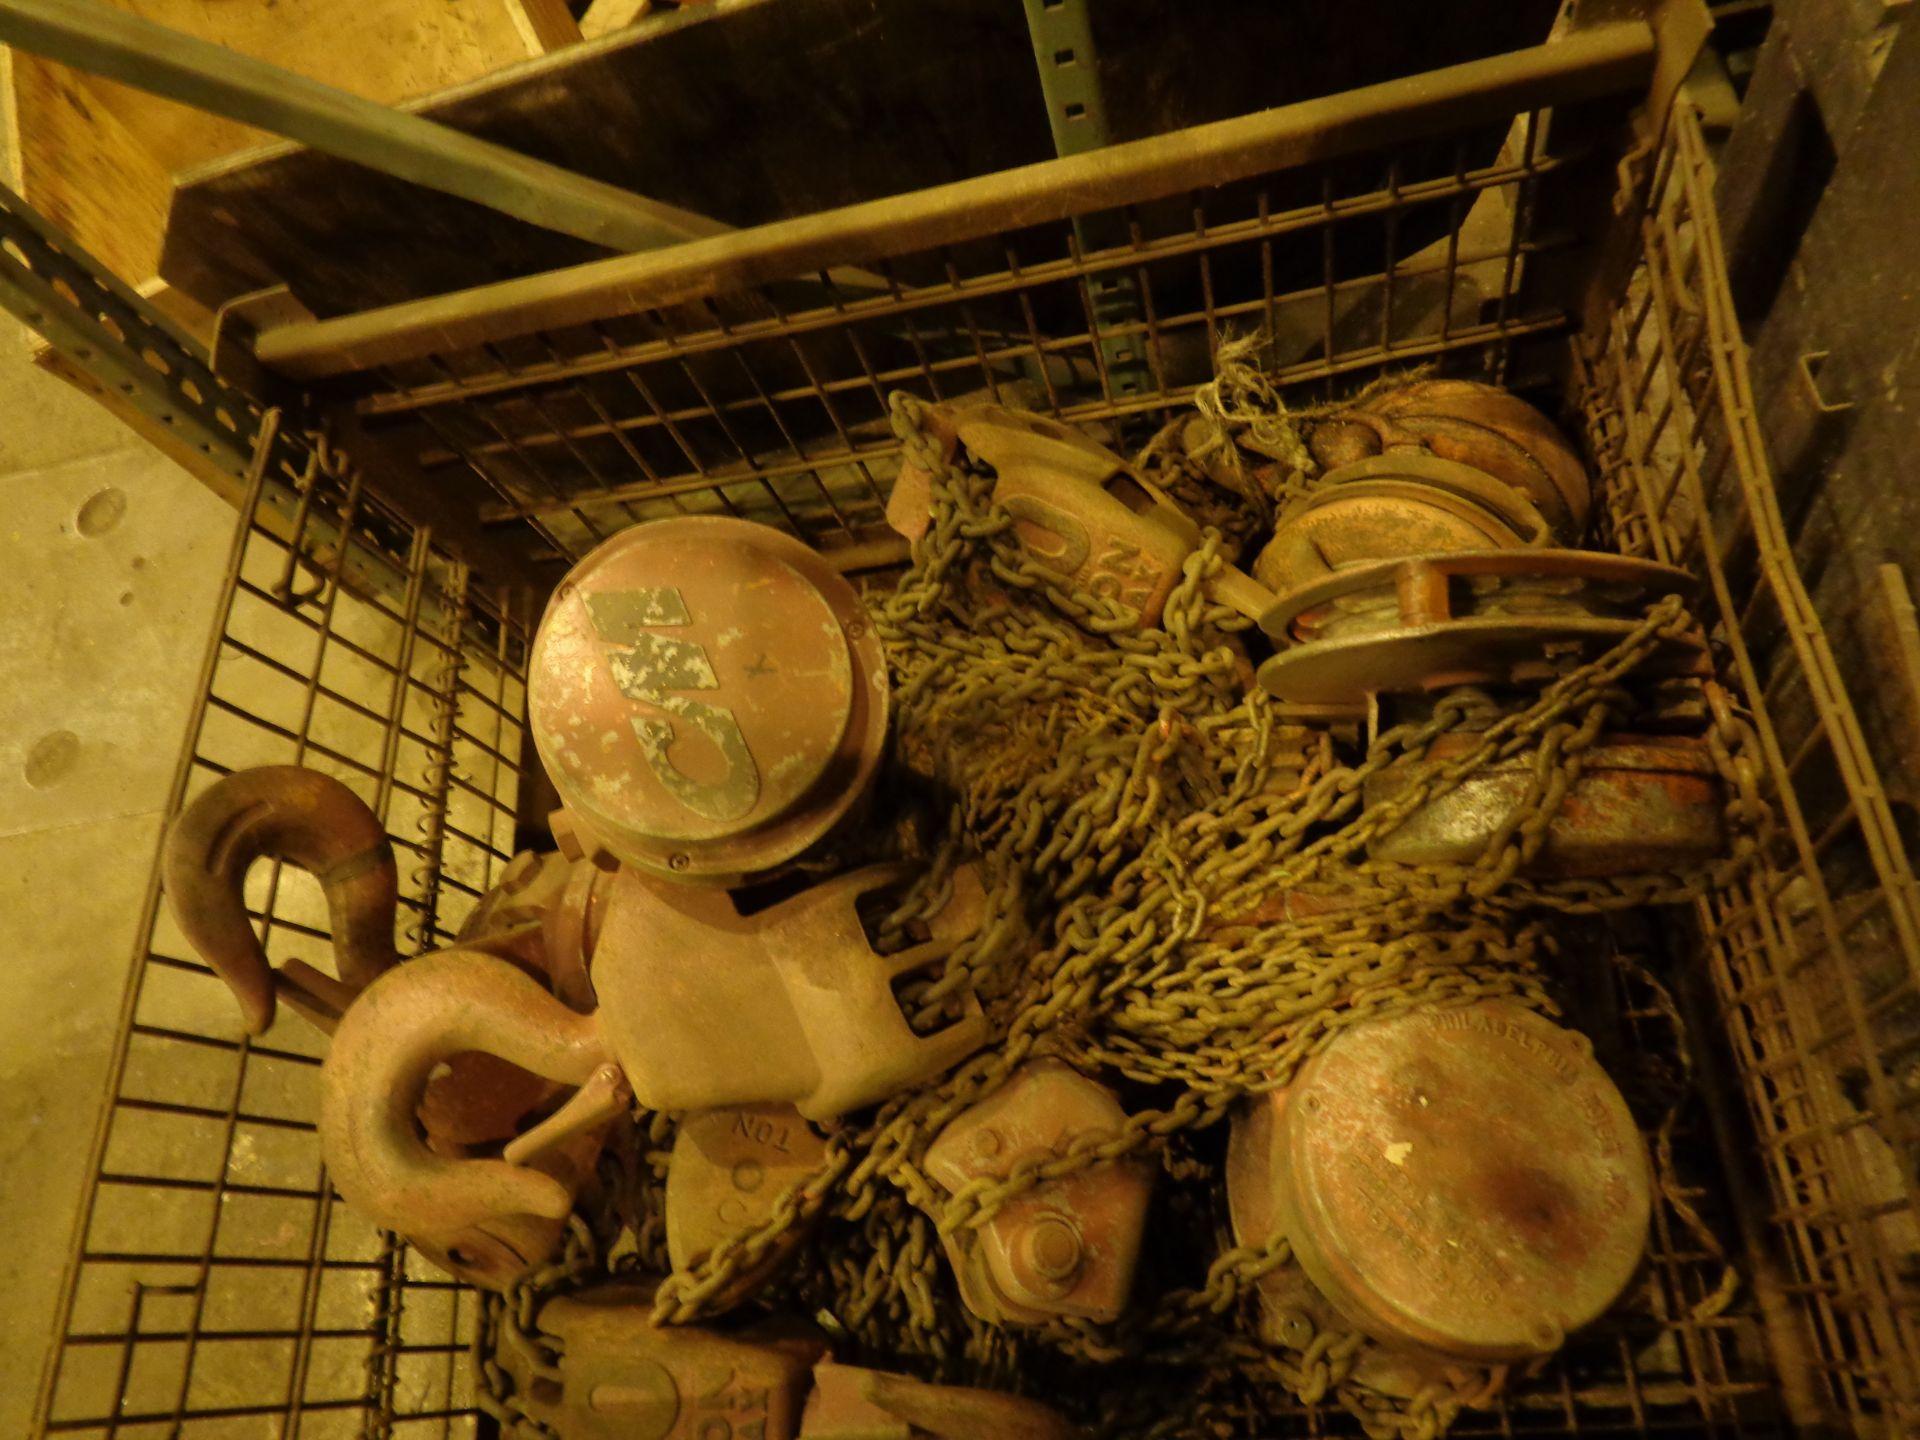 Lot 3A - Lot of 5 Chain Hoists